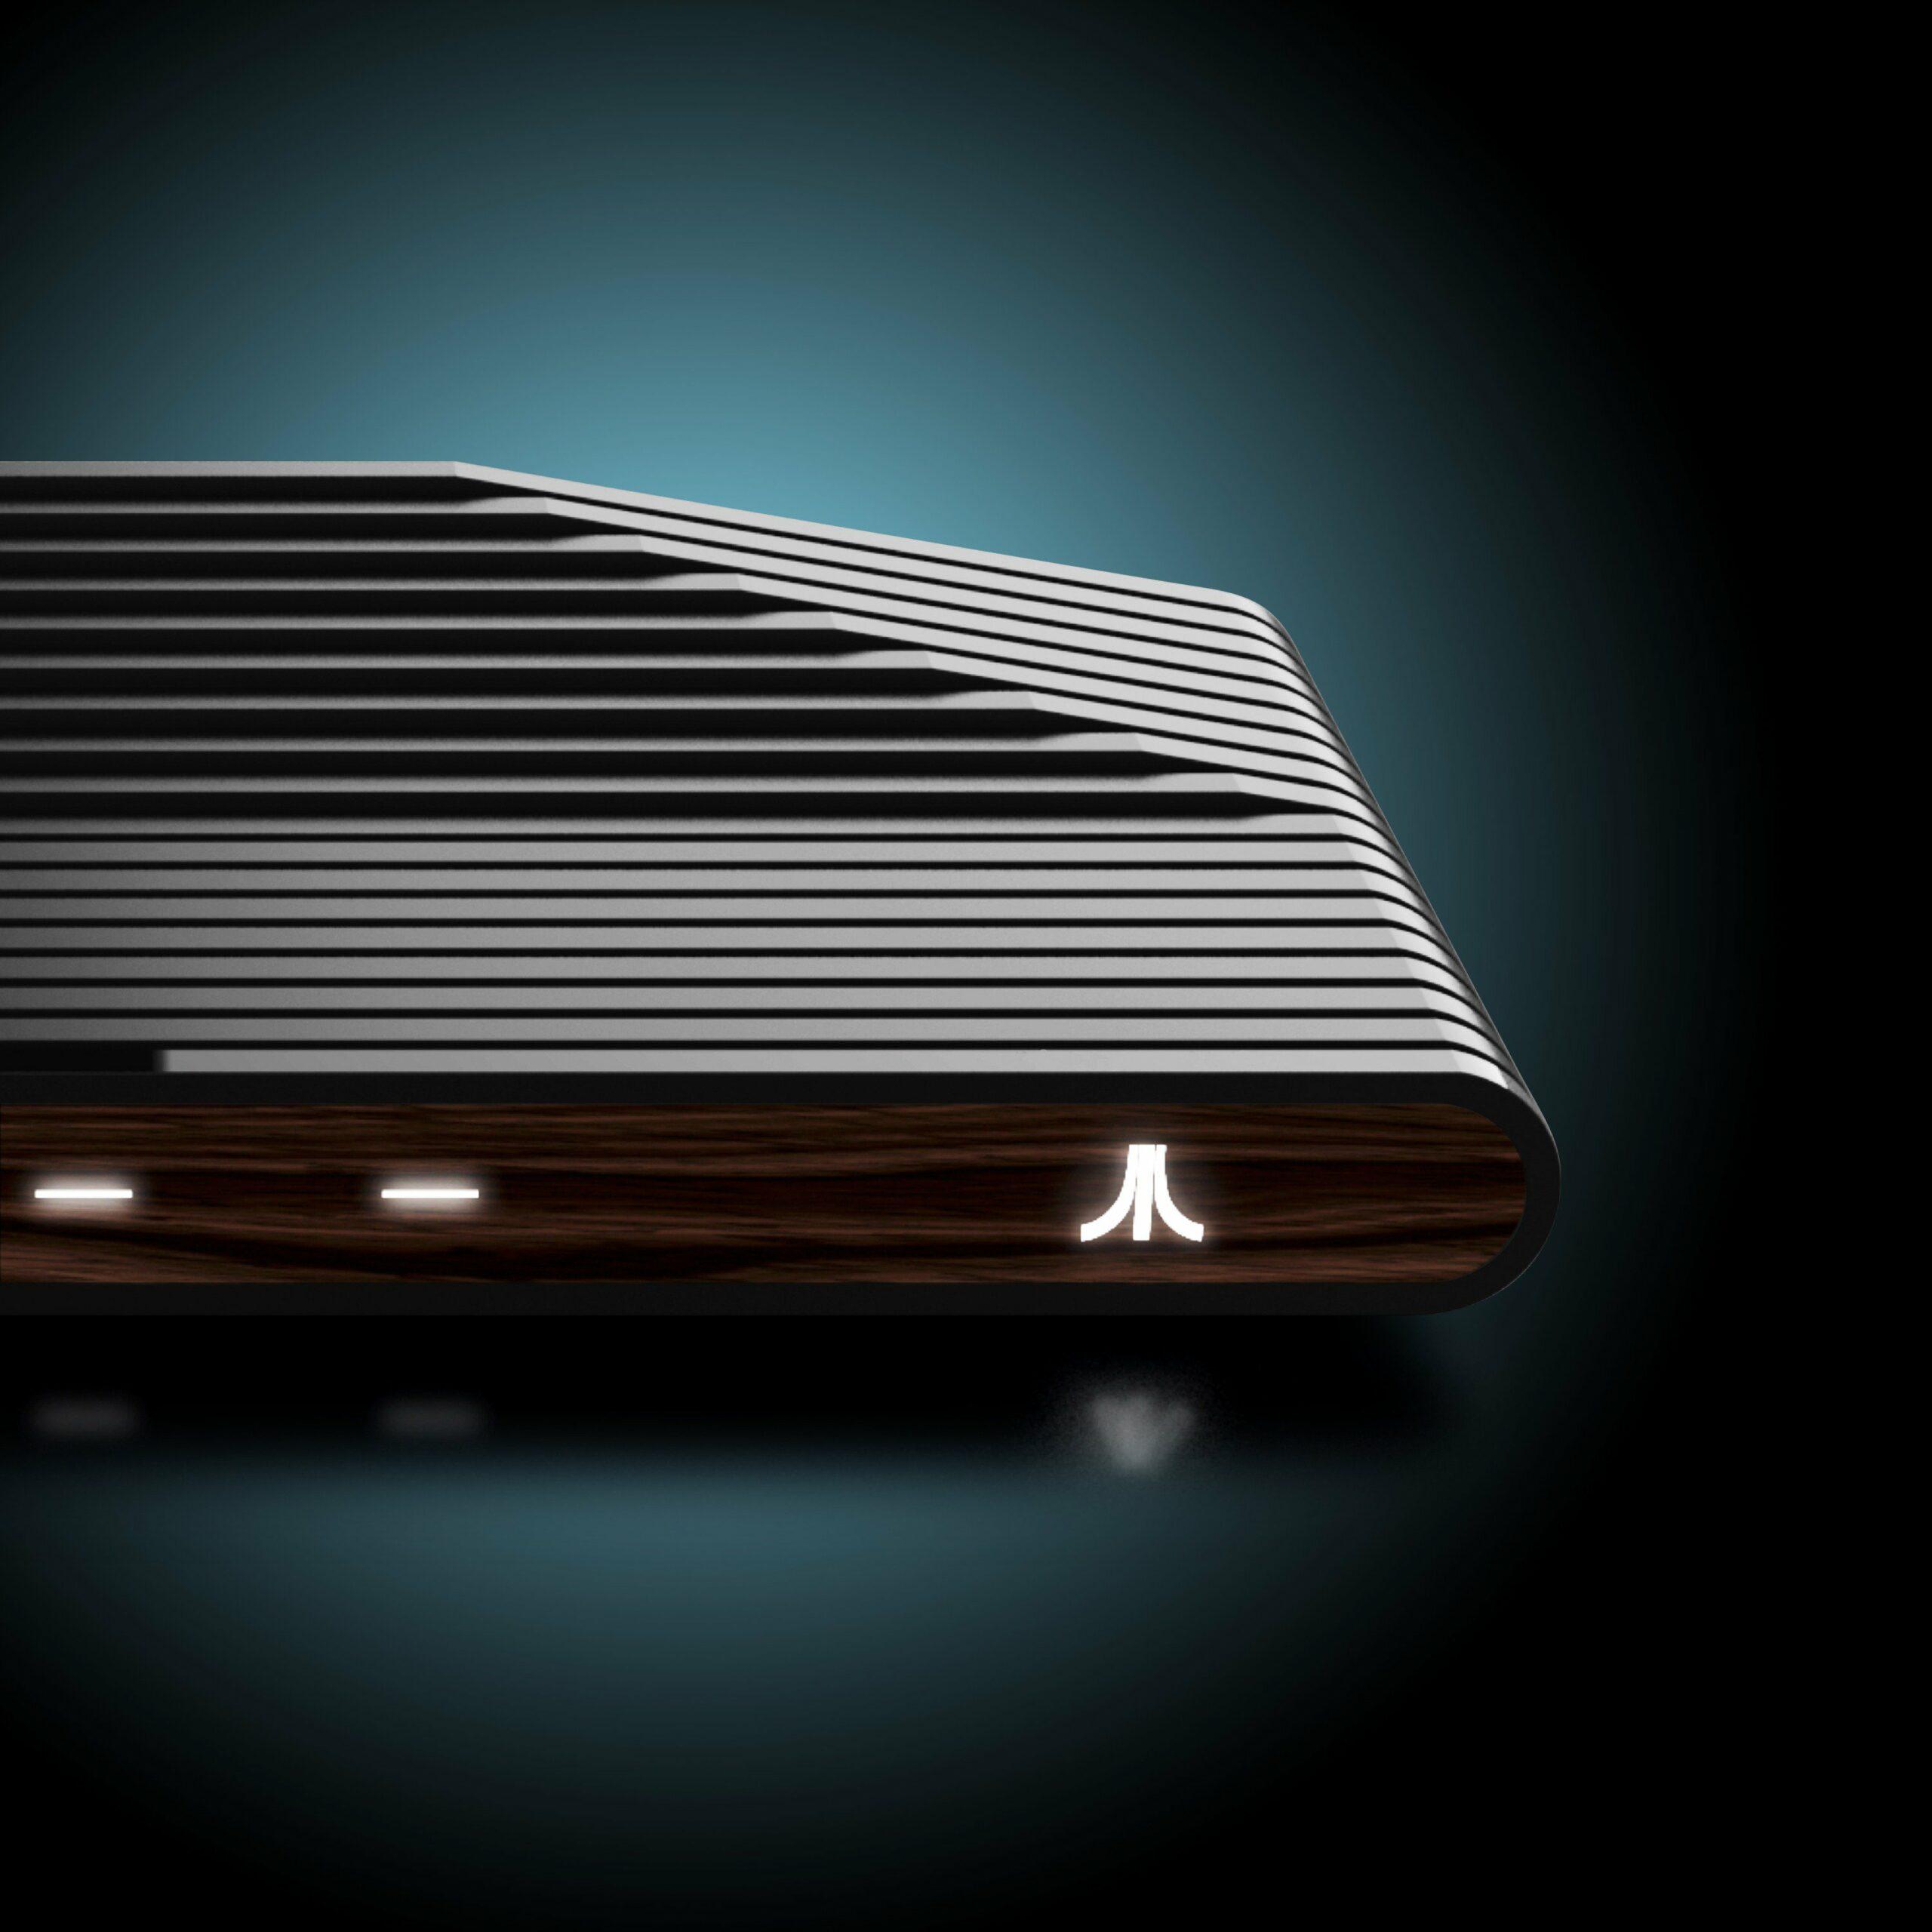 Atari VCS Retro Consoles Retail Release